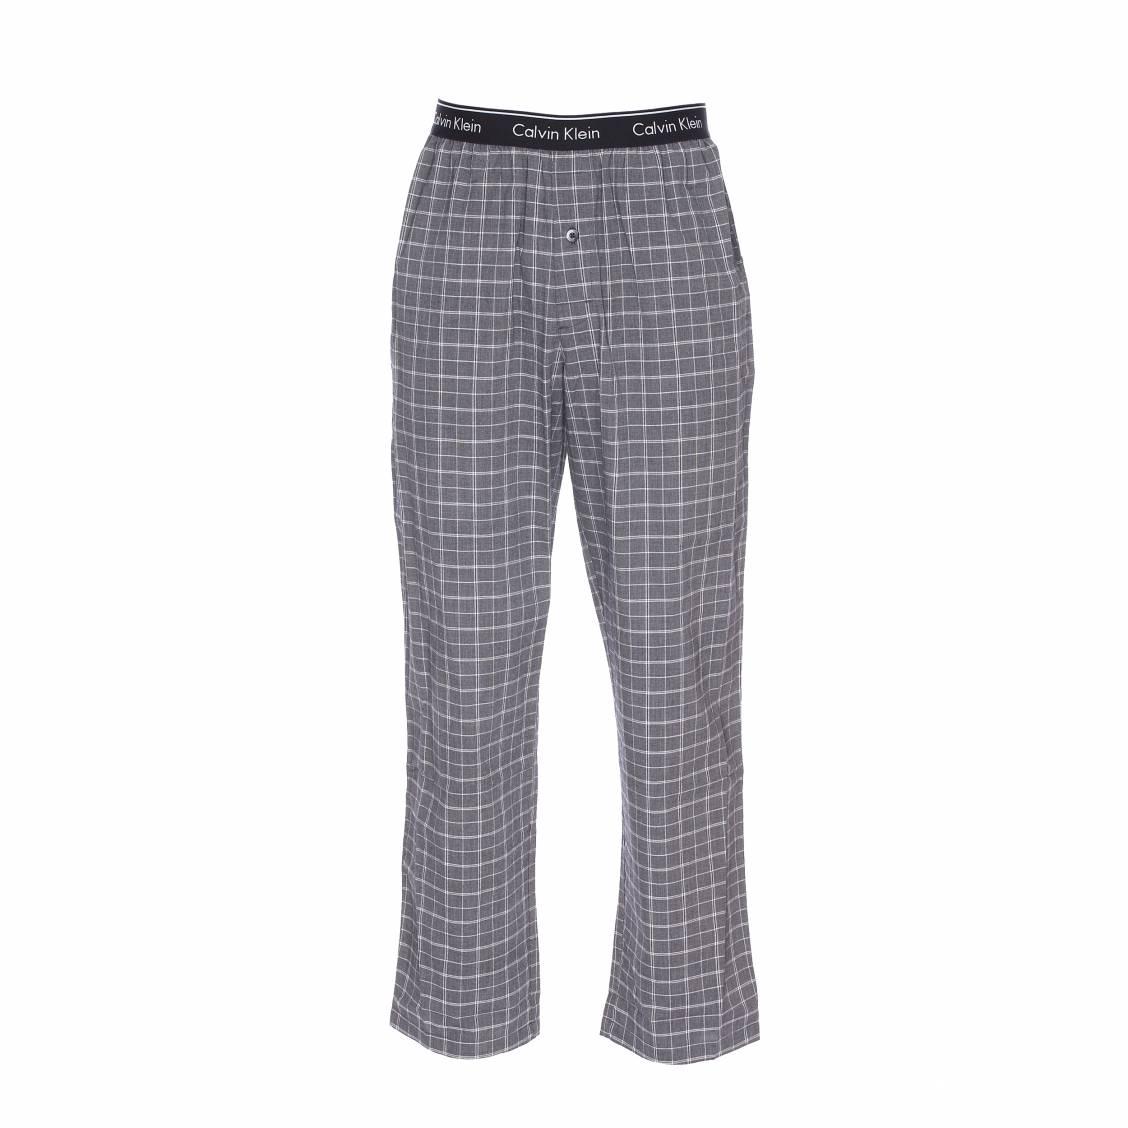 pantalon d 39 int rieur calvin klein carreaux noirs et blancs rue des hommes. Black Bedroom Furniture Sets. Home Design Ideas